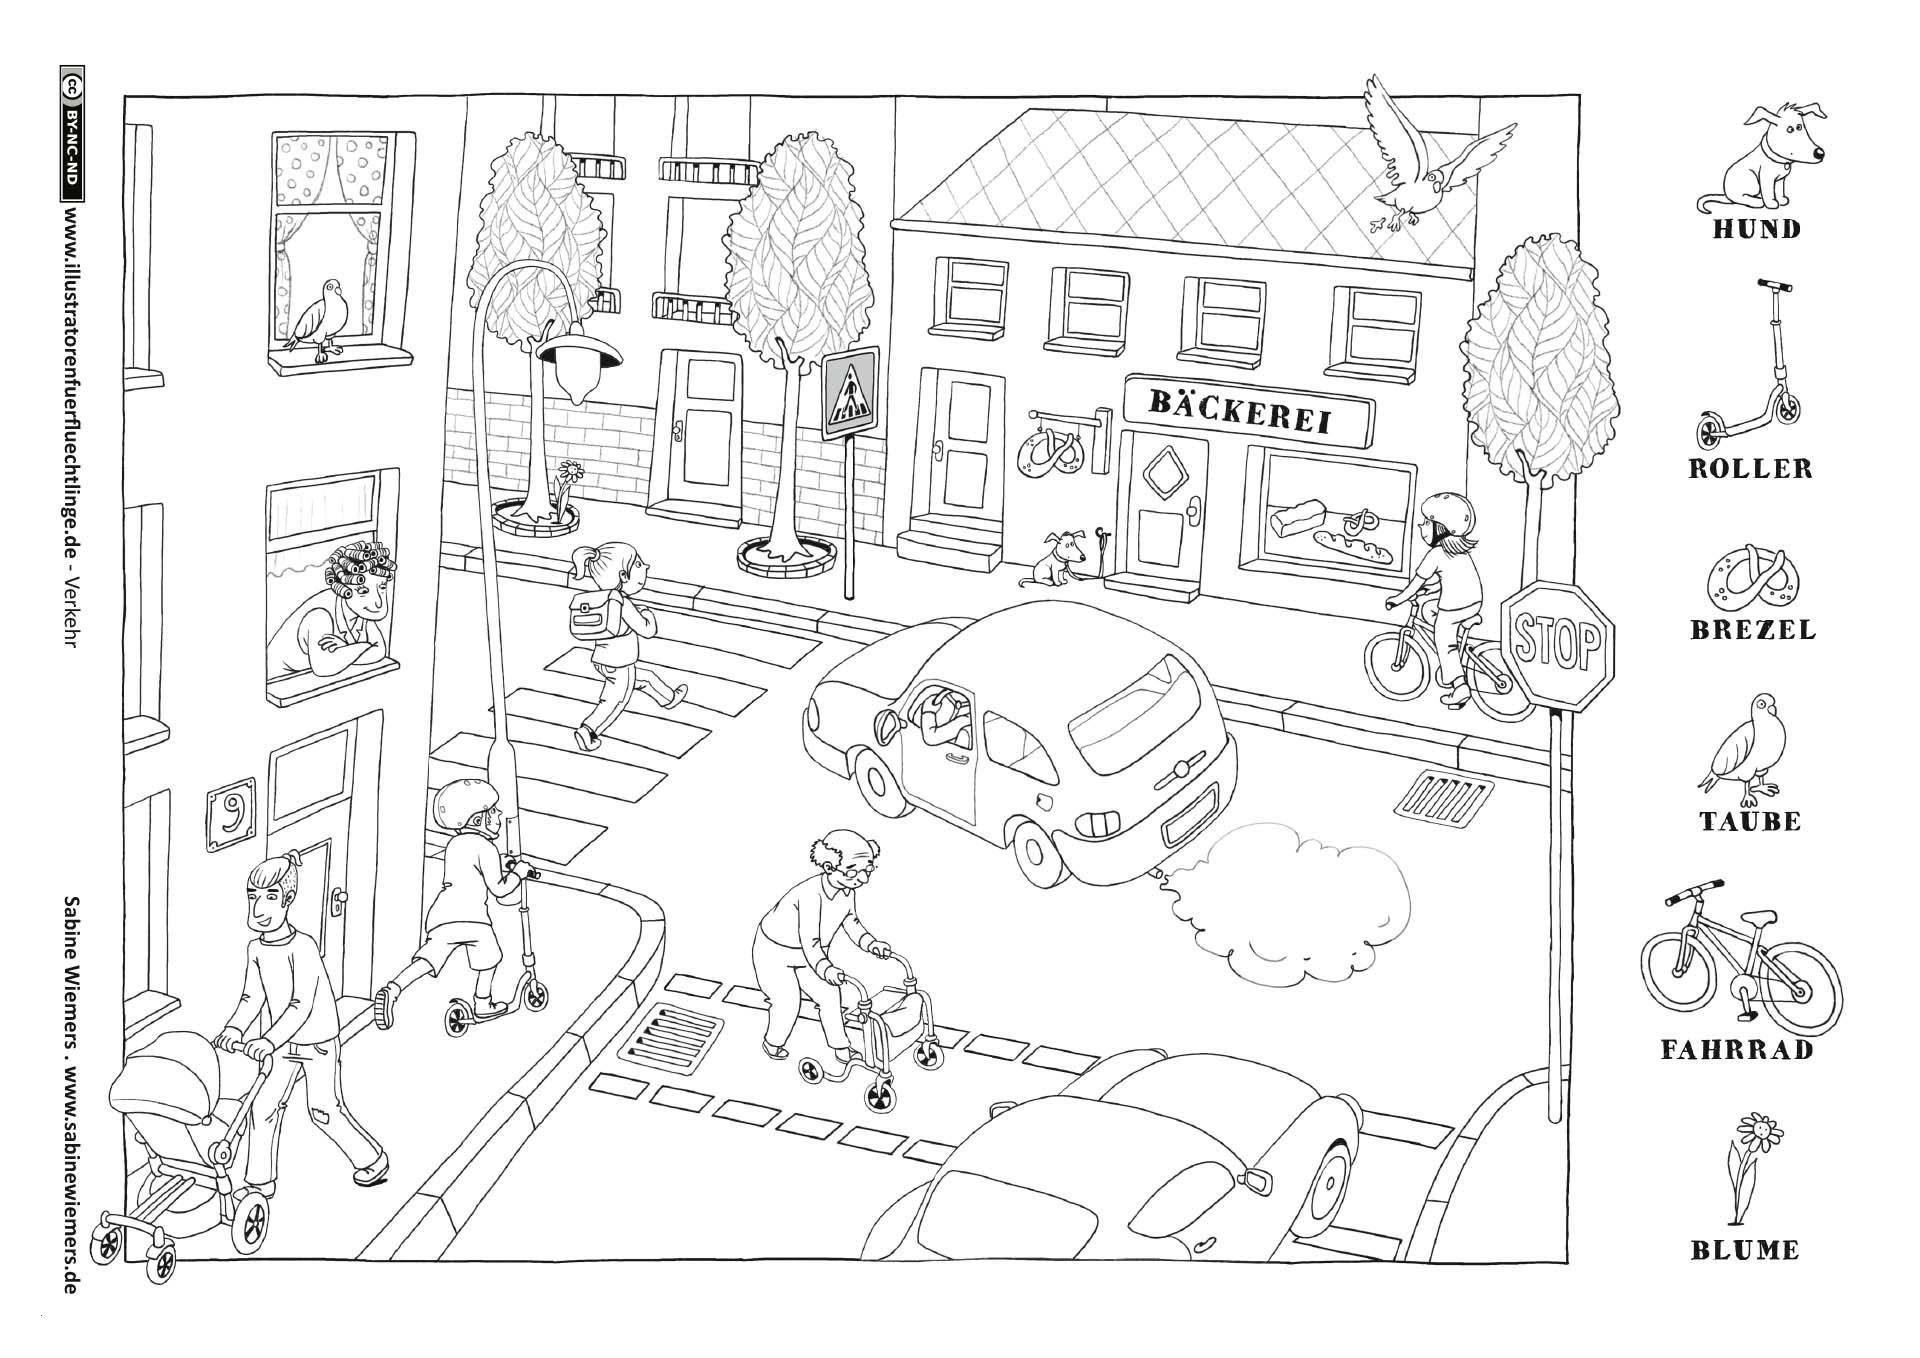 Verkehrserziehung Kindergarten Ausmalbilder Inspirierend Kindergarten Bilder Zum Ausmalen Große 35 Verkehrserziehung Galerie